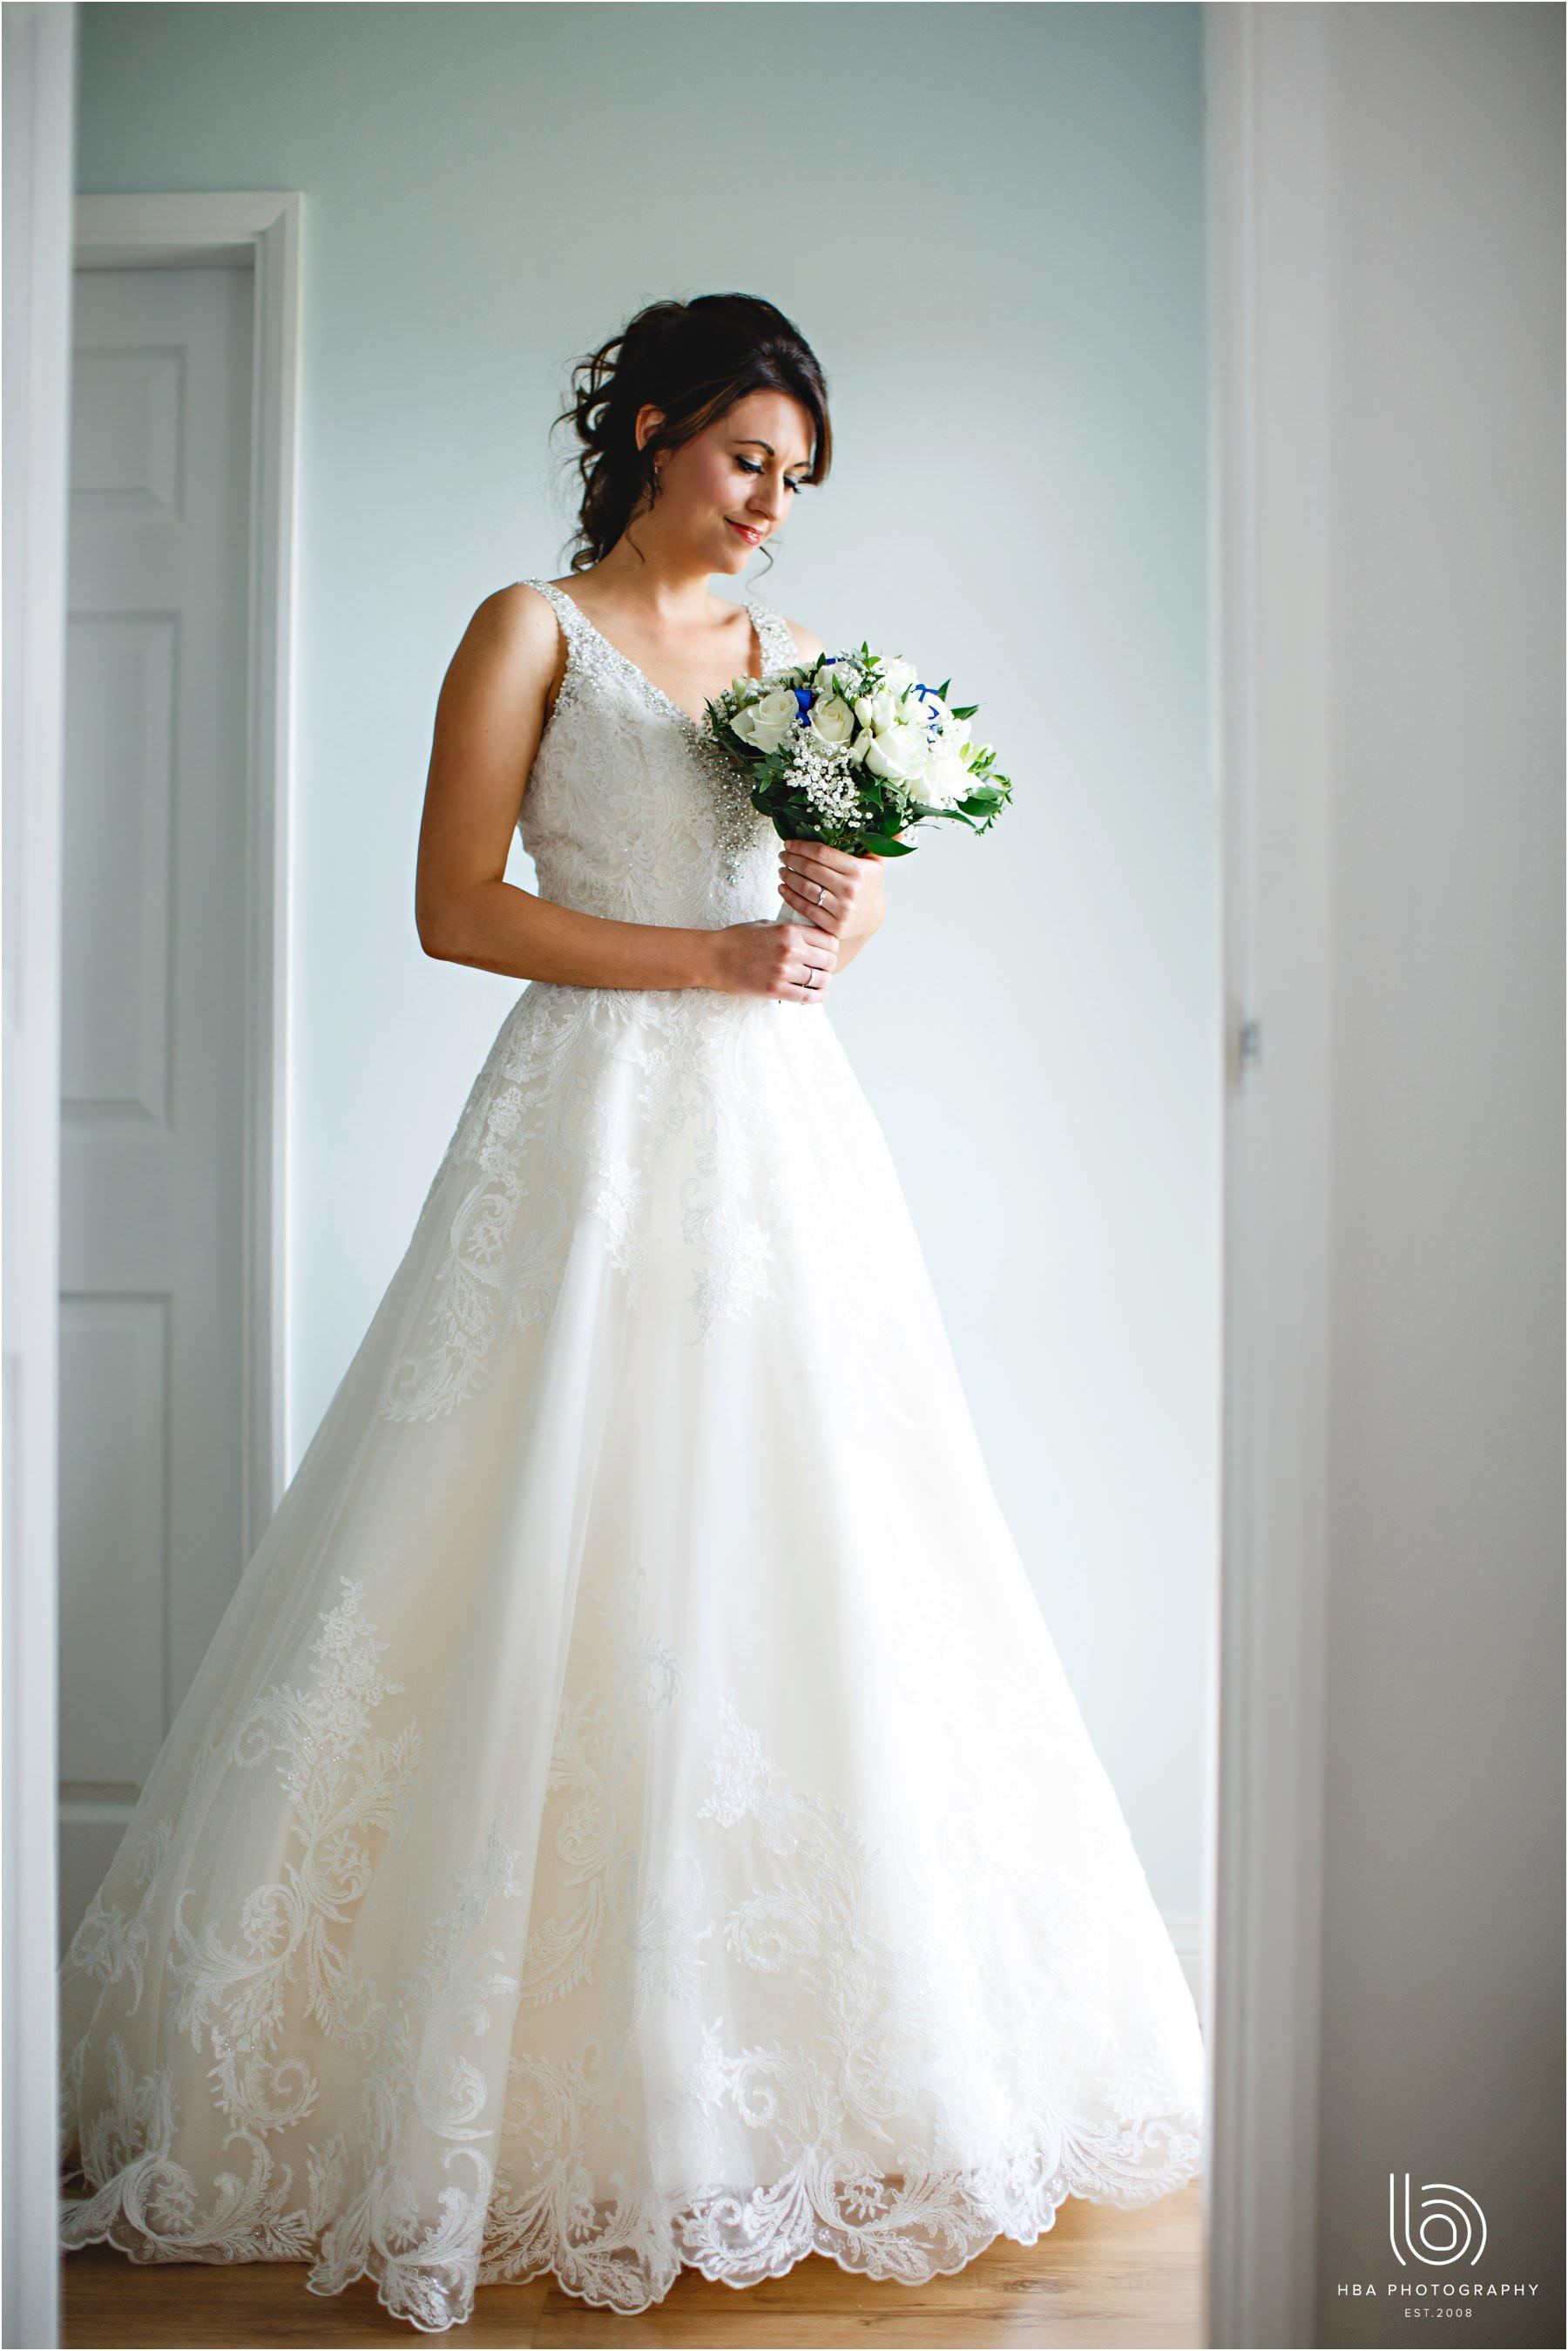 the bride full length